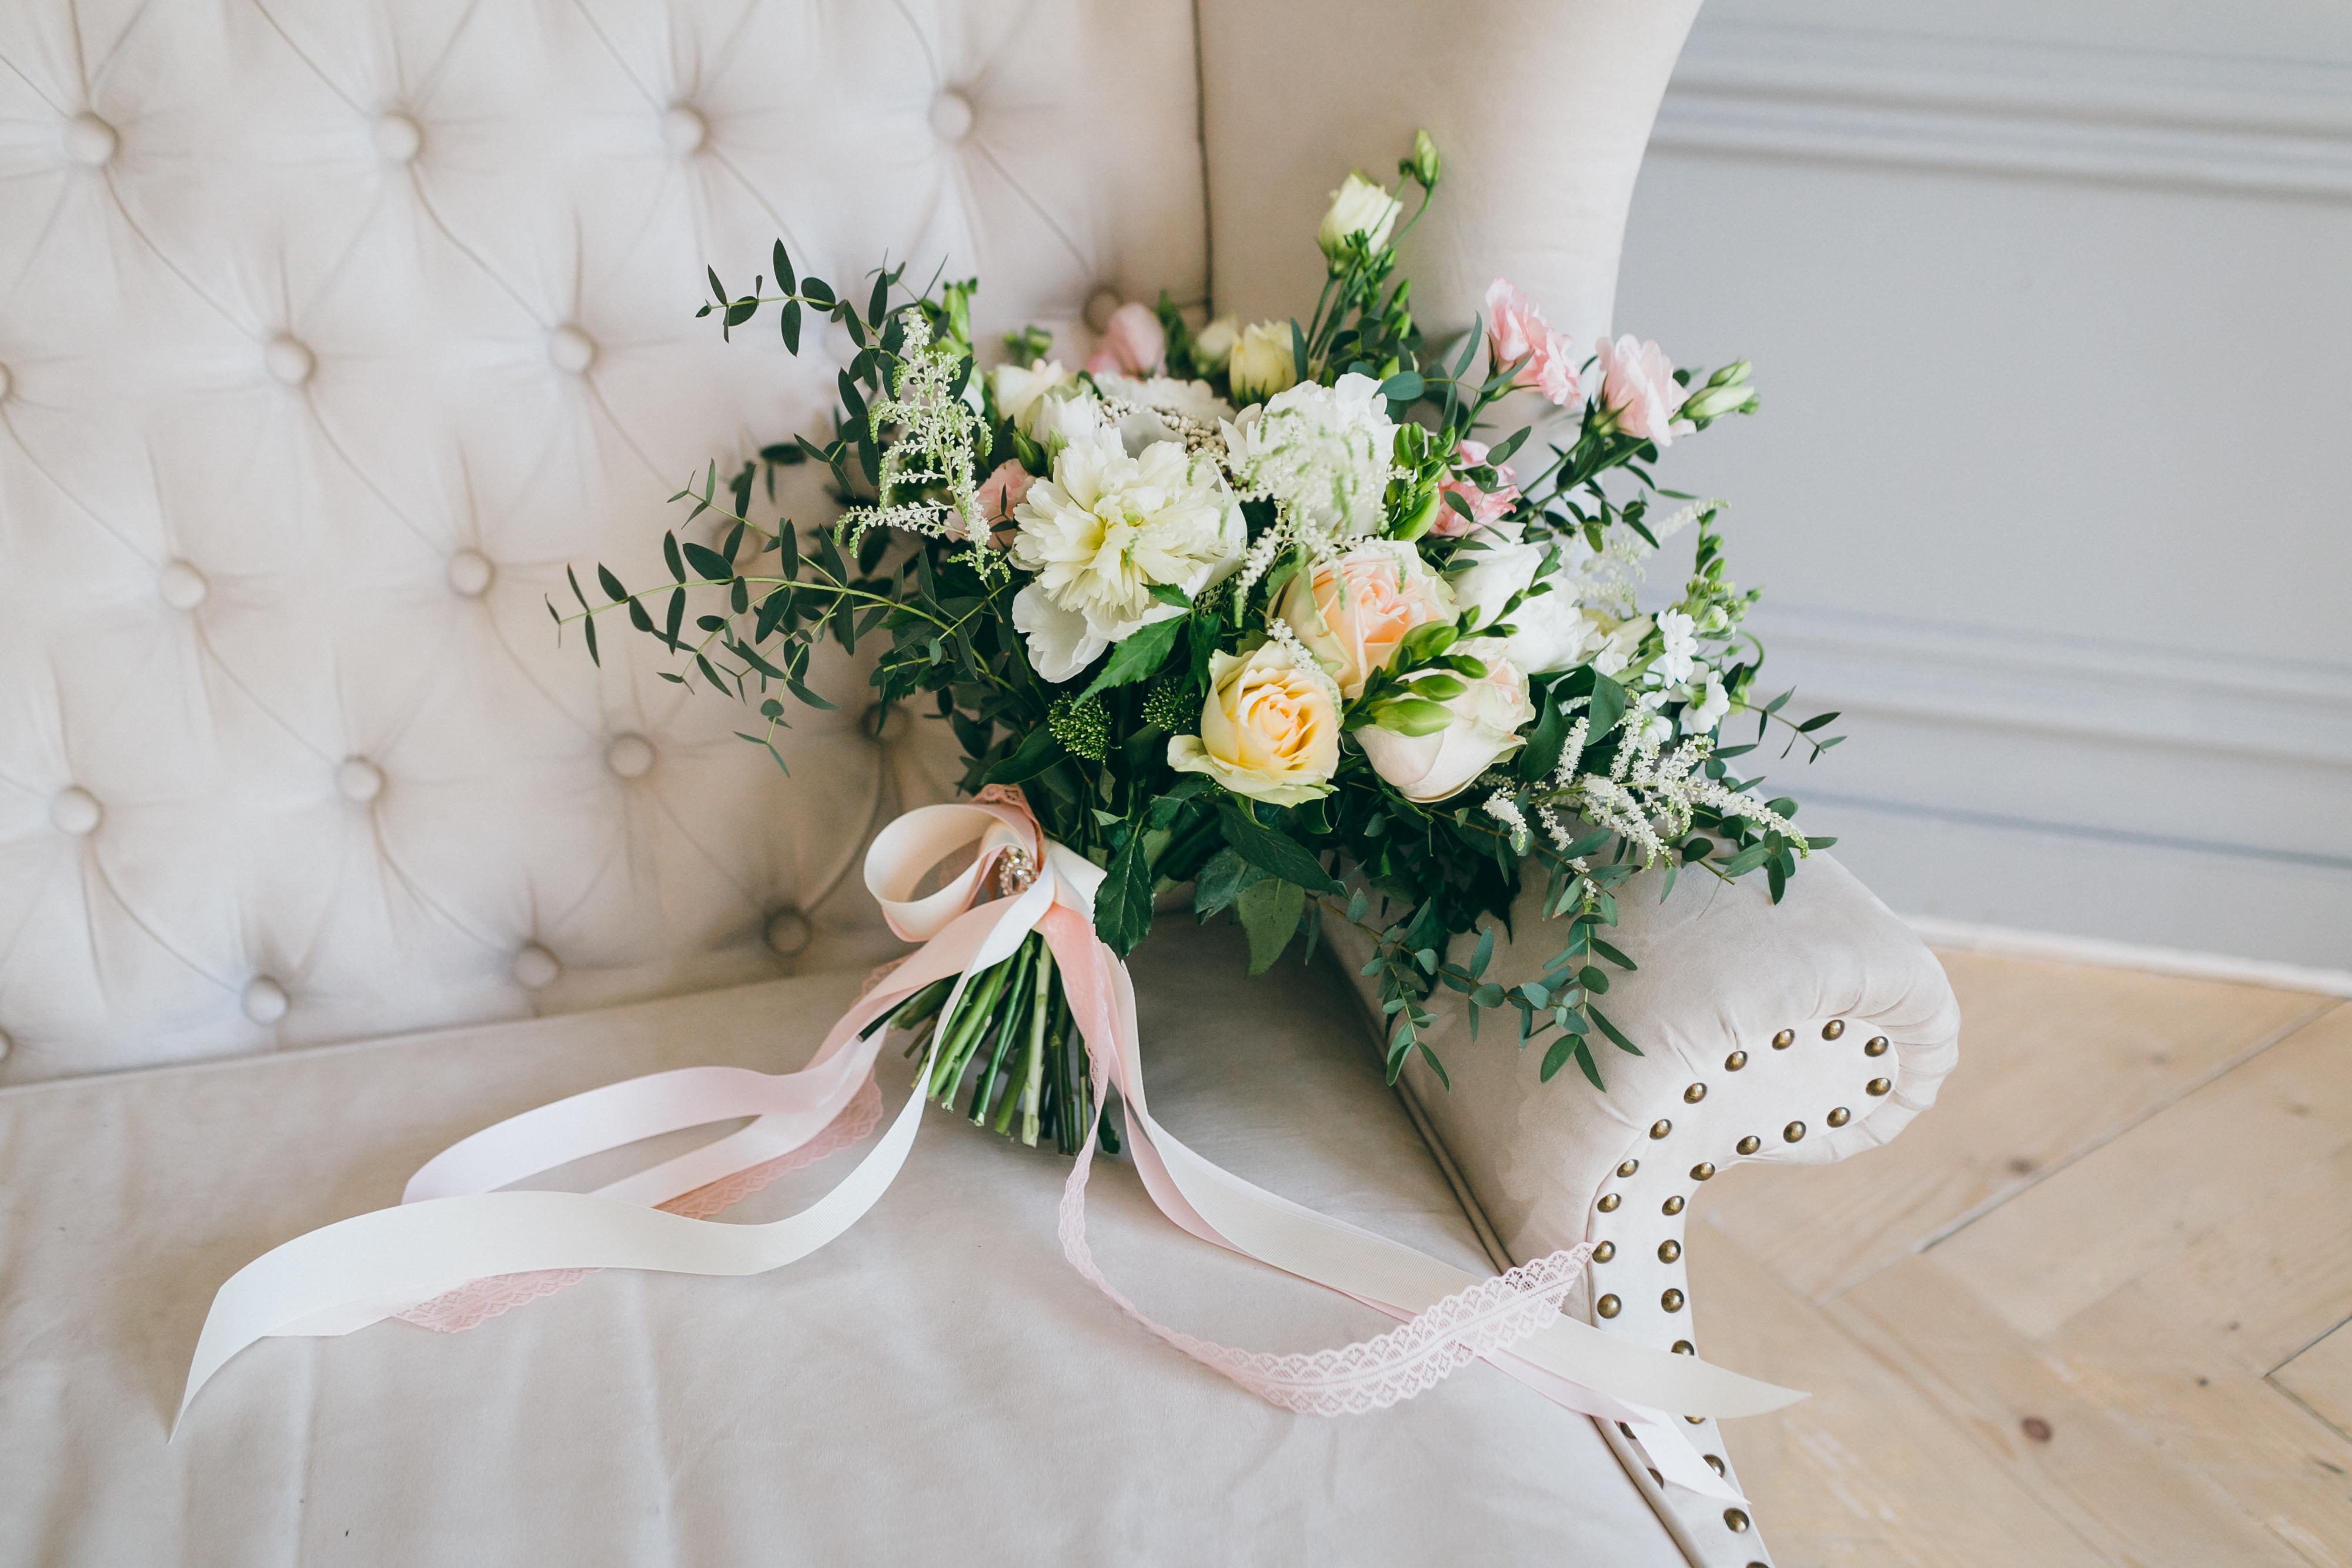 Verlobt –was jetzt? Erste Schritte der Hochzeitsplanung